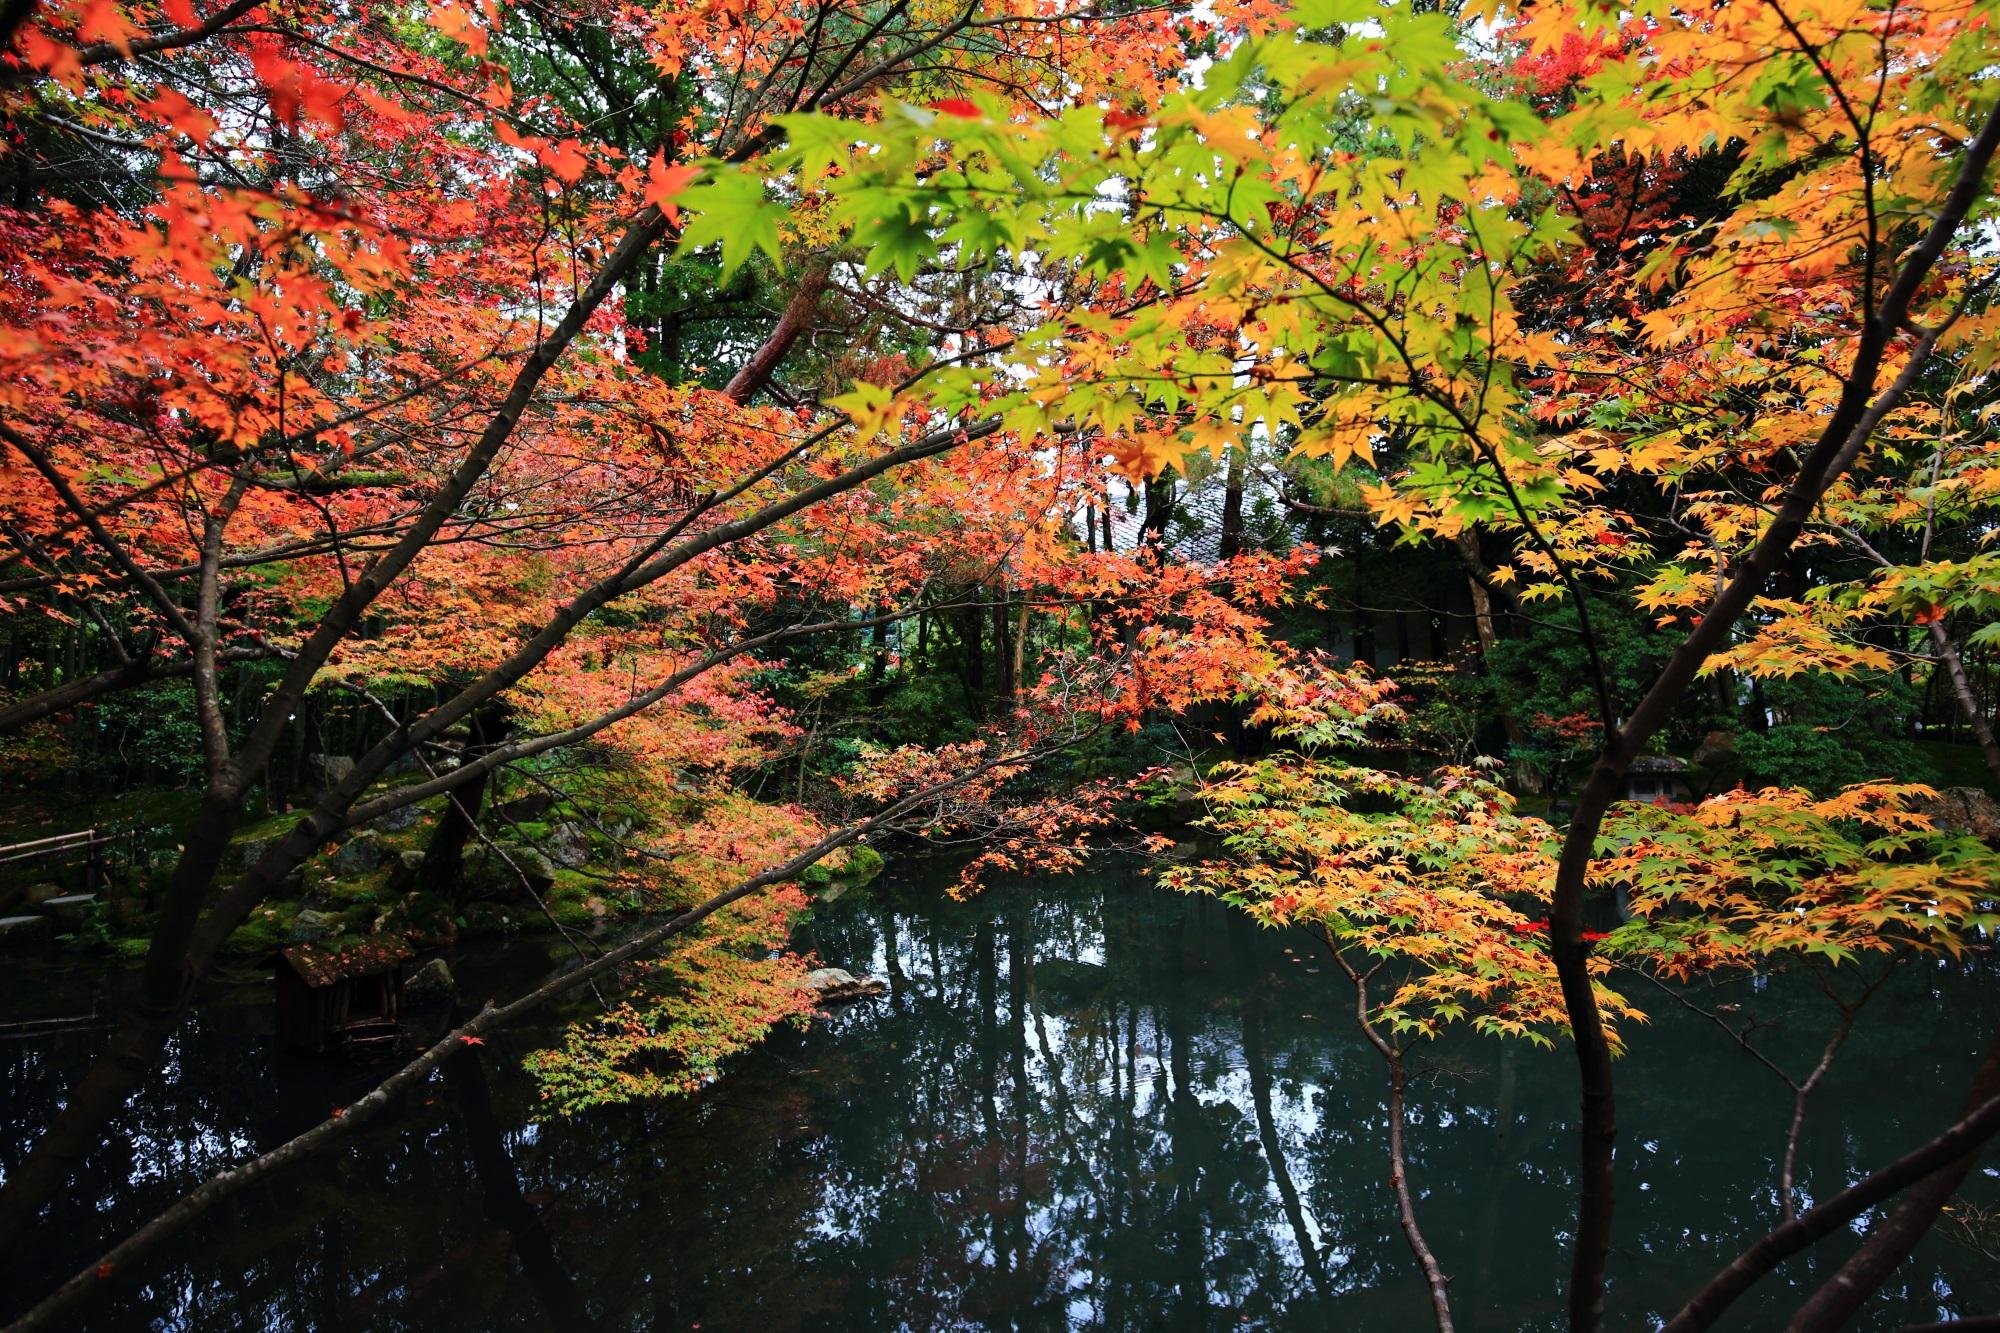 南禅寺塔頭の天授庵の池にせり出す紅葉